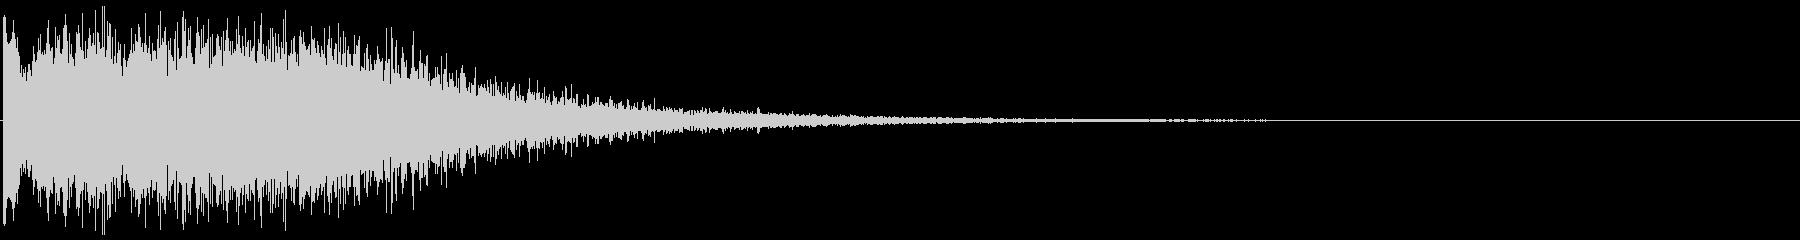 チュオーン映画の予告など(インパクト音)の未再生の波形